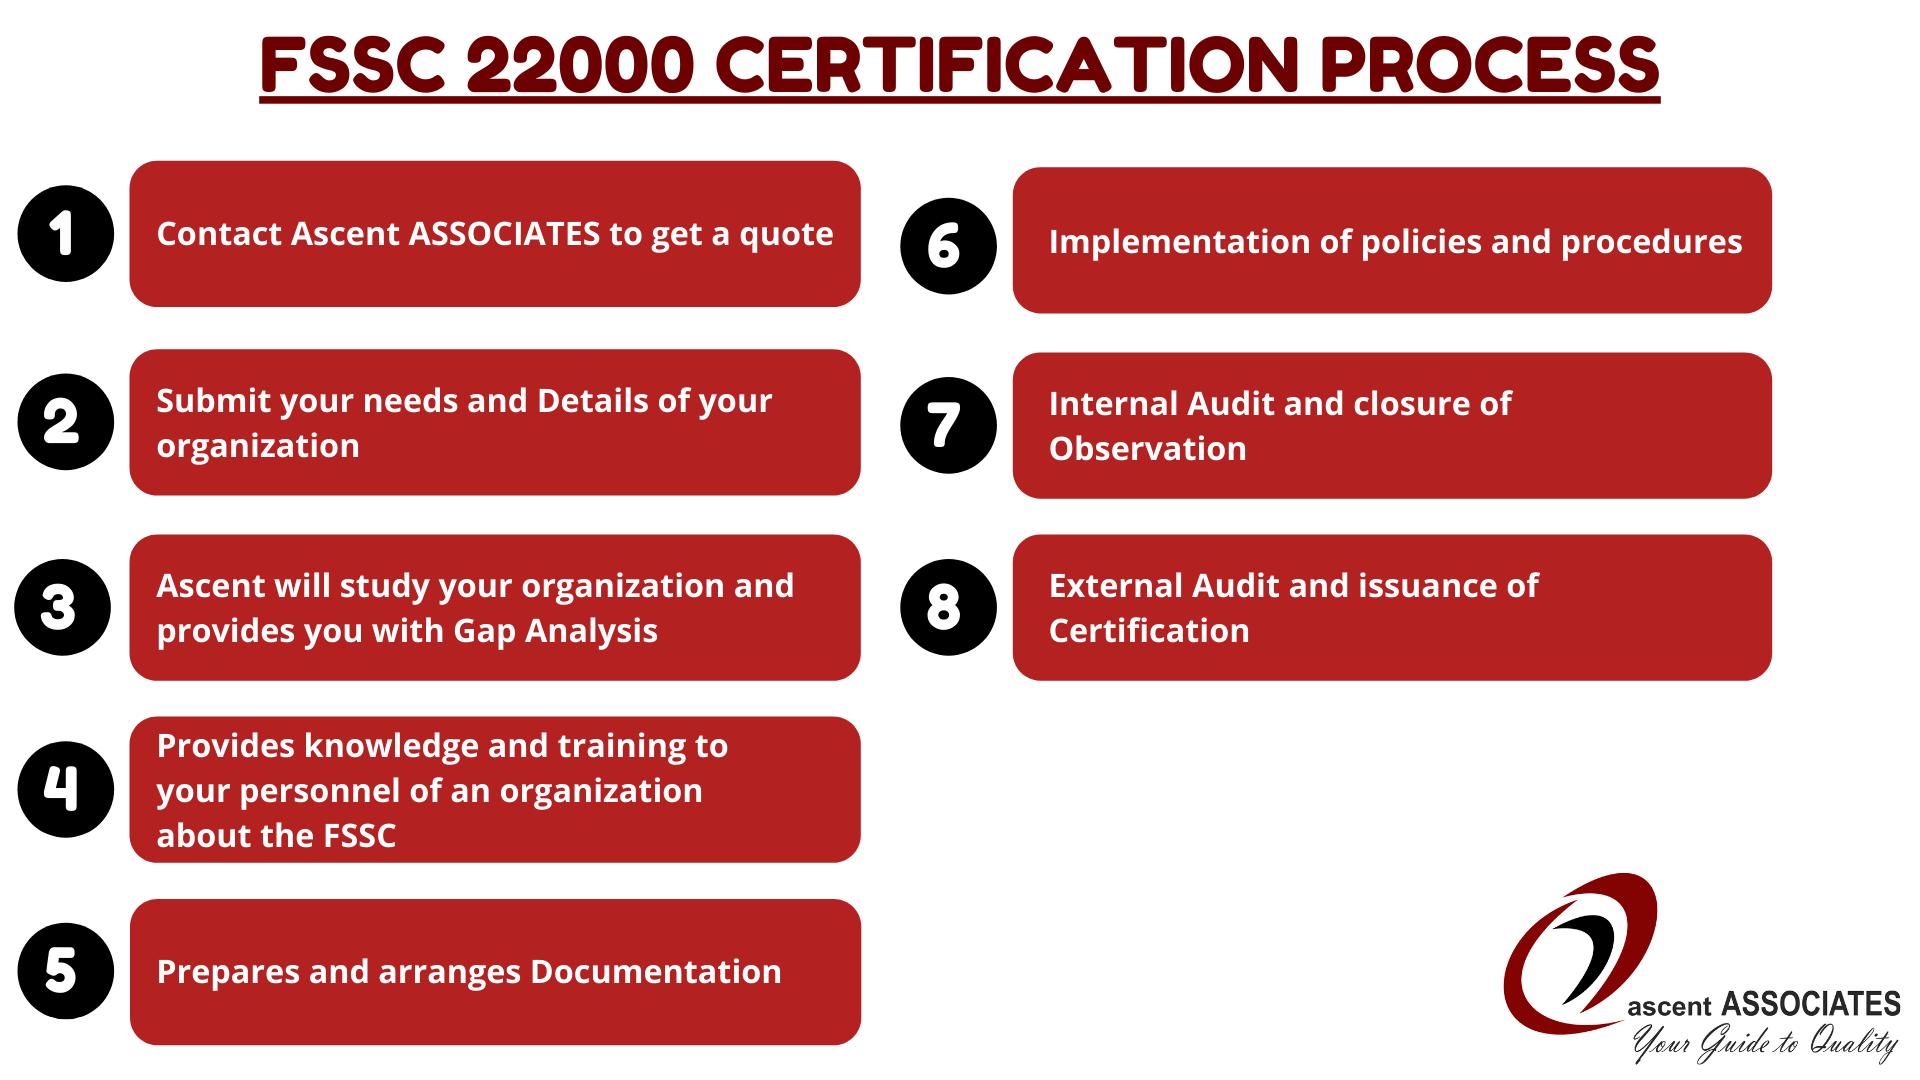 FSSC 22000 Certification Process